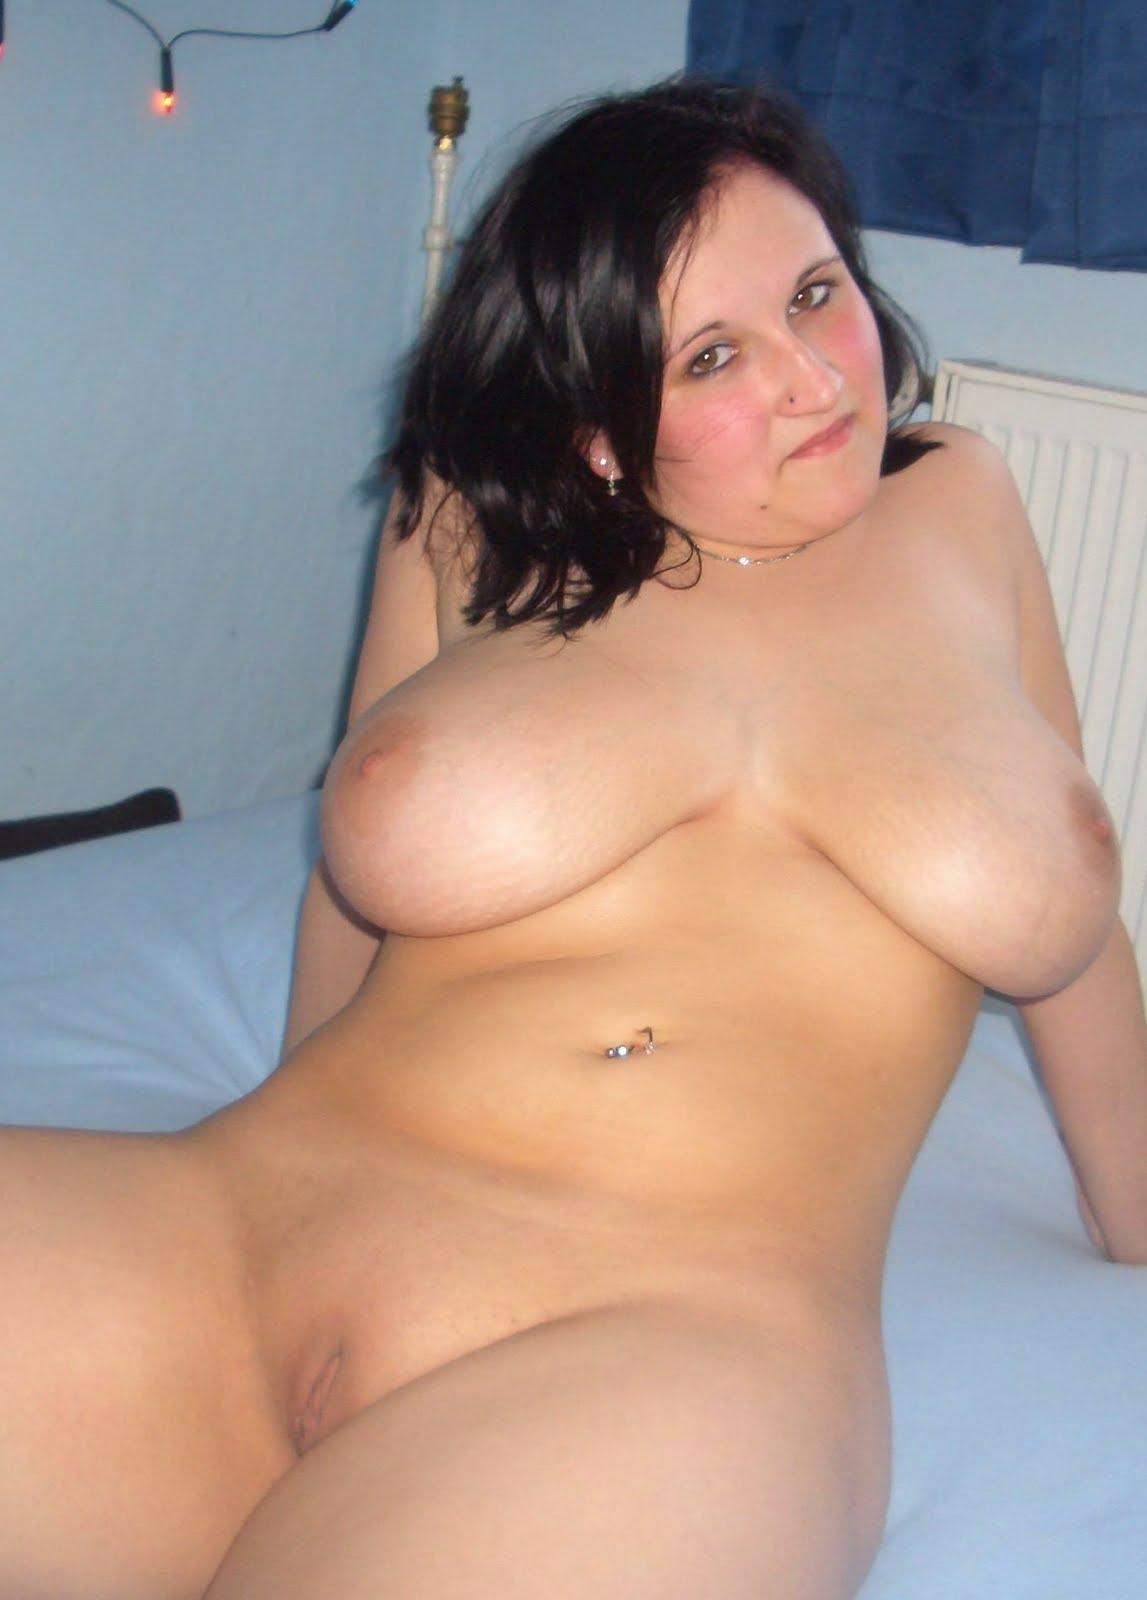 Beautiful Chubby Girl Nude